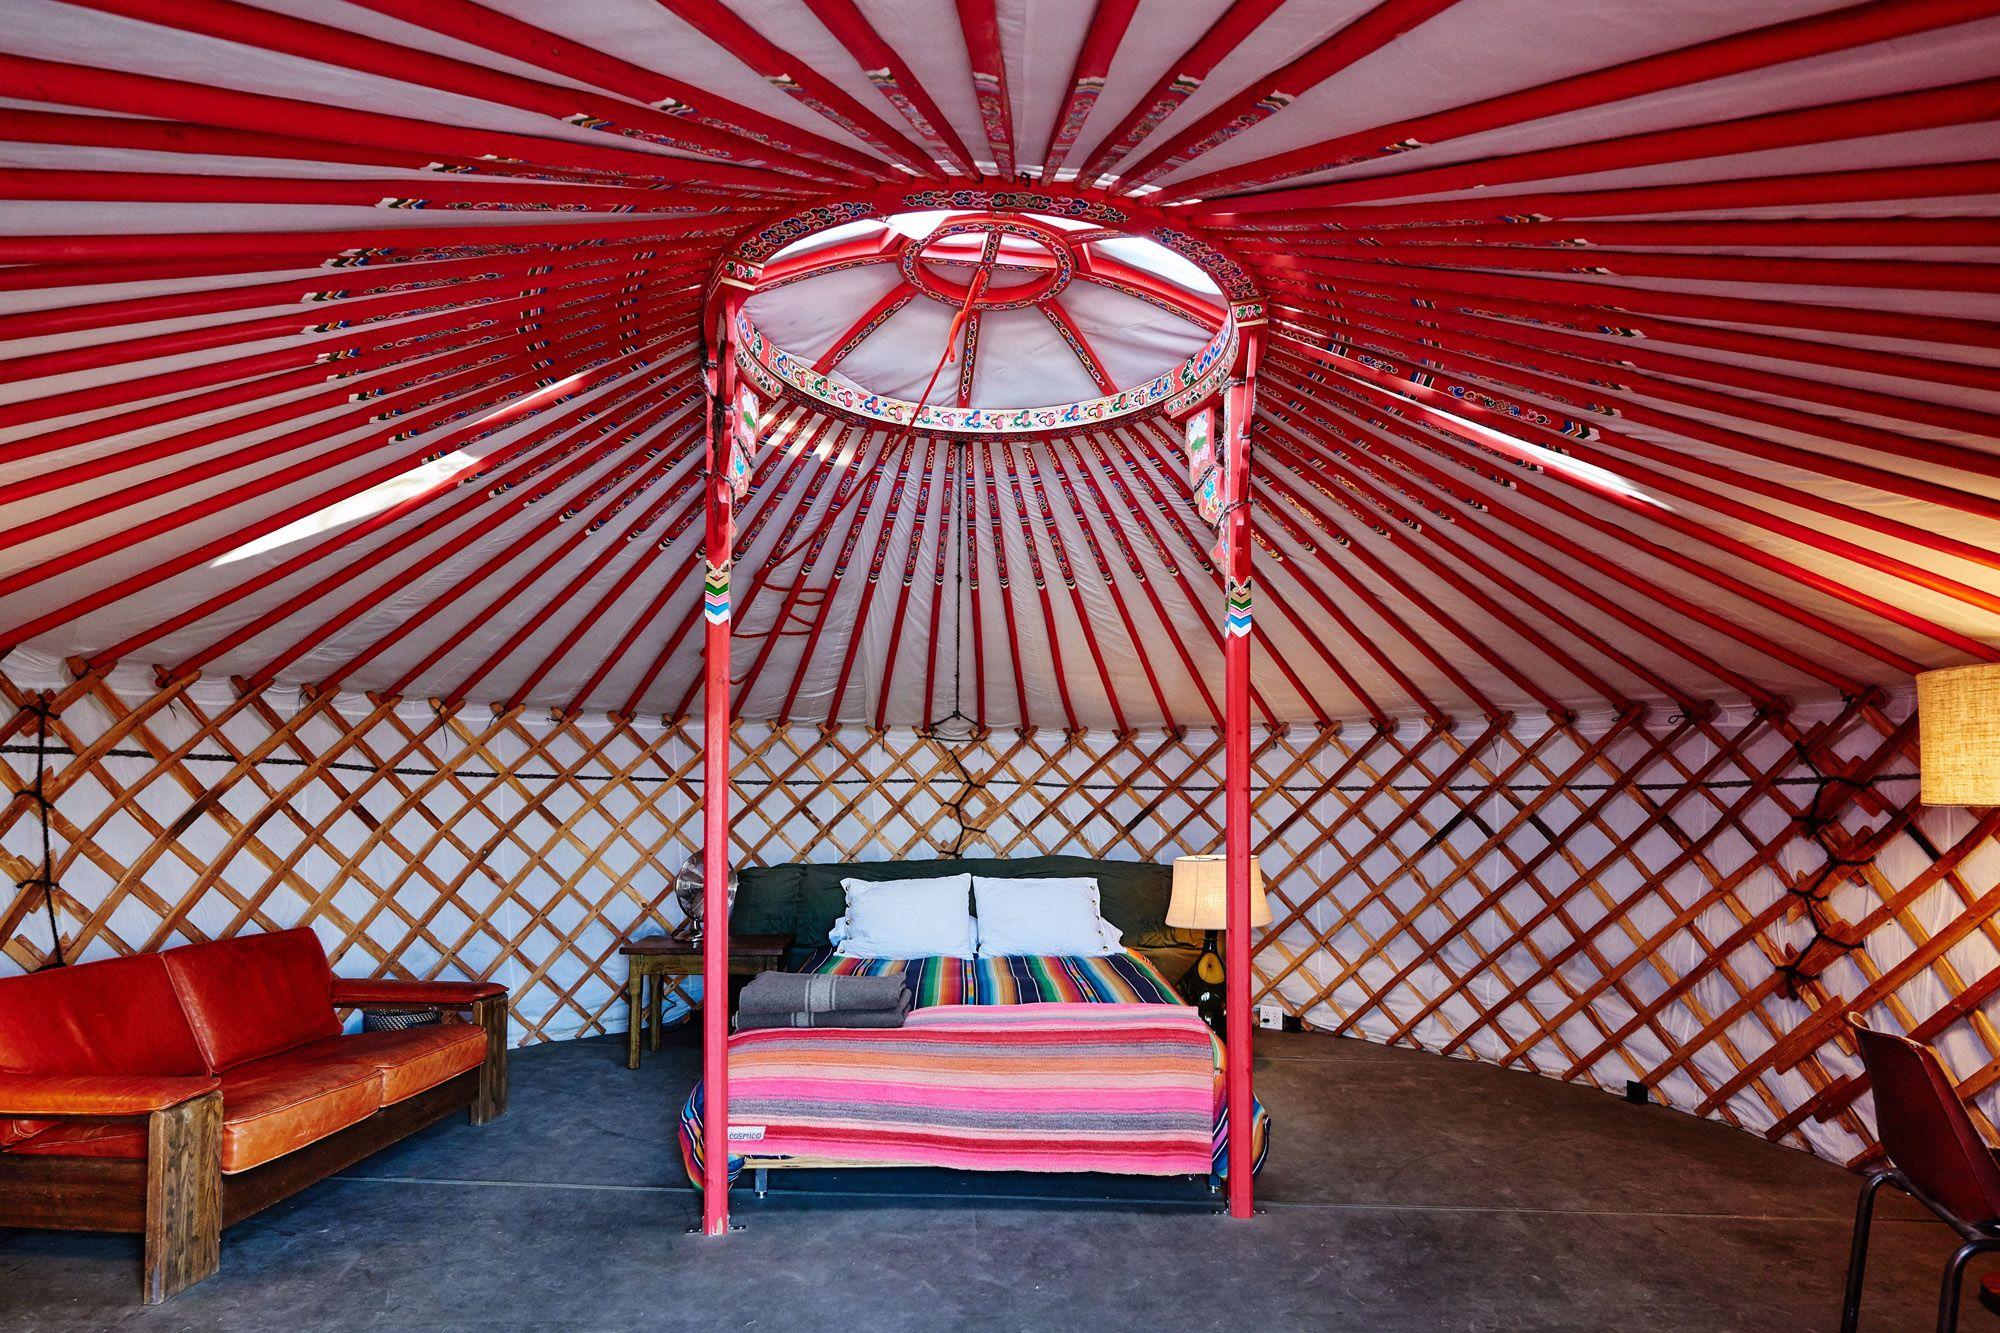 Yurt in Marfa, Texas